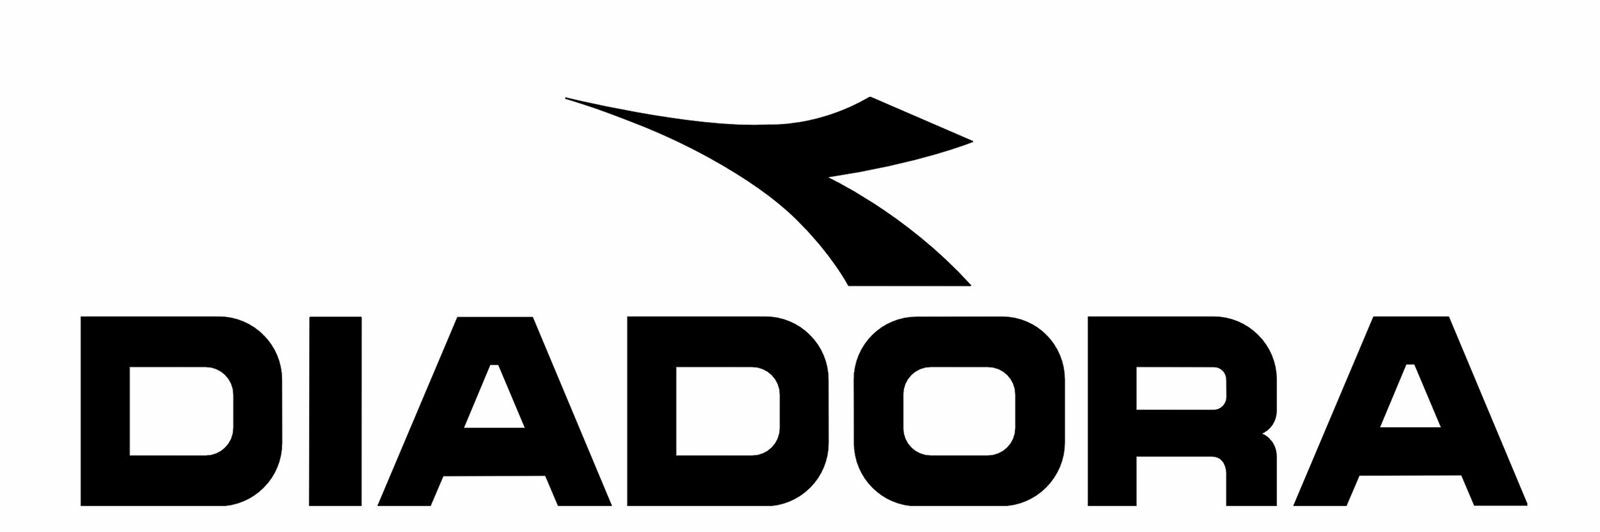 Diadora Diadora Diadora Speed Tech II Clay - Herren Outdoor Tennischuhe - 159256-C5168 497263